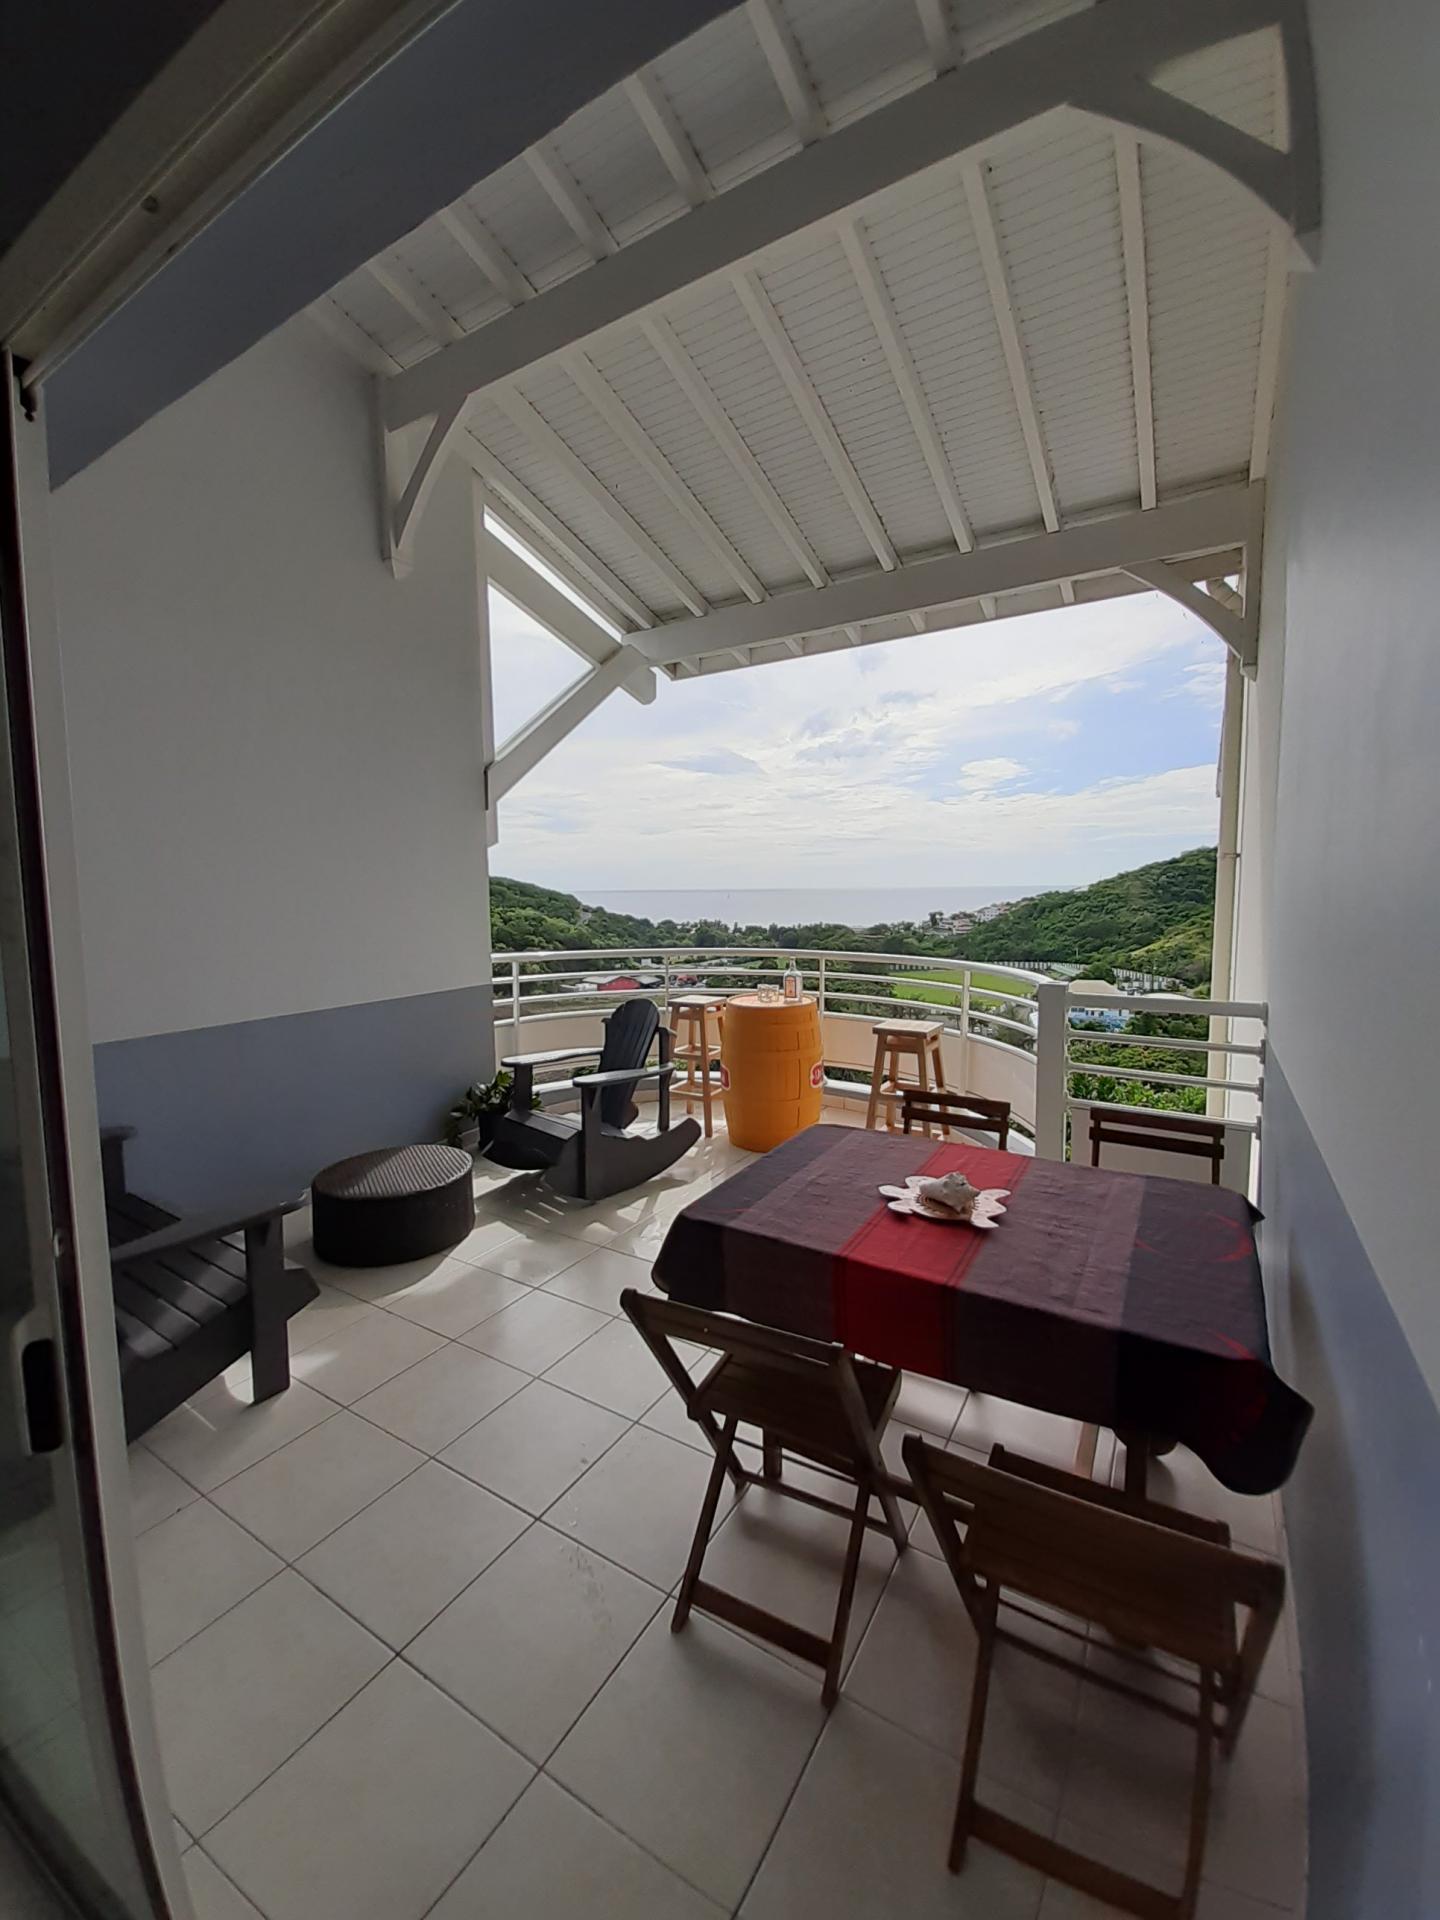 Appartement T3 de 65,37 m² à vendre au CARBET vue mer - très bon rendement location saisonnière - Prix honoraires inclus 237.600,00 euros